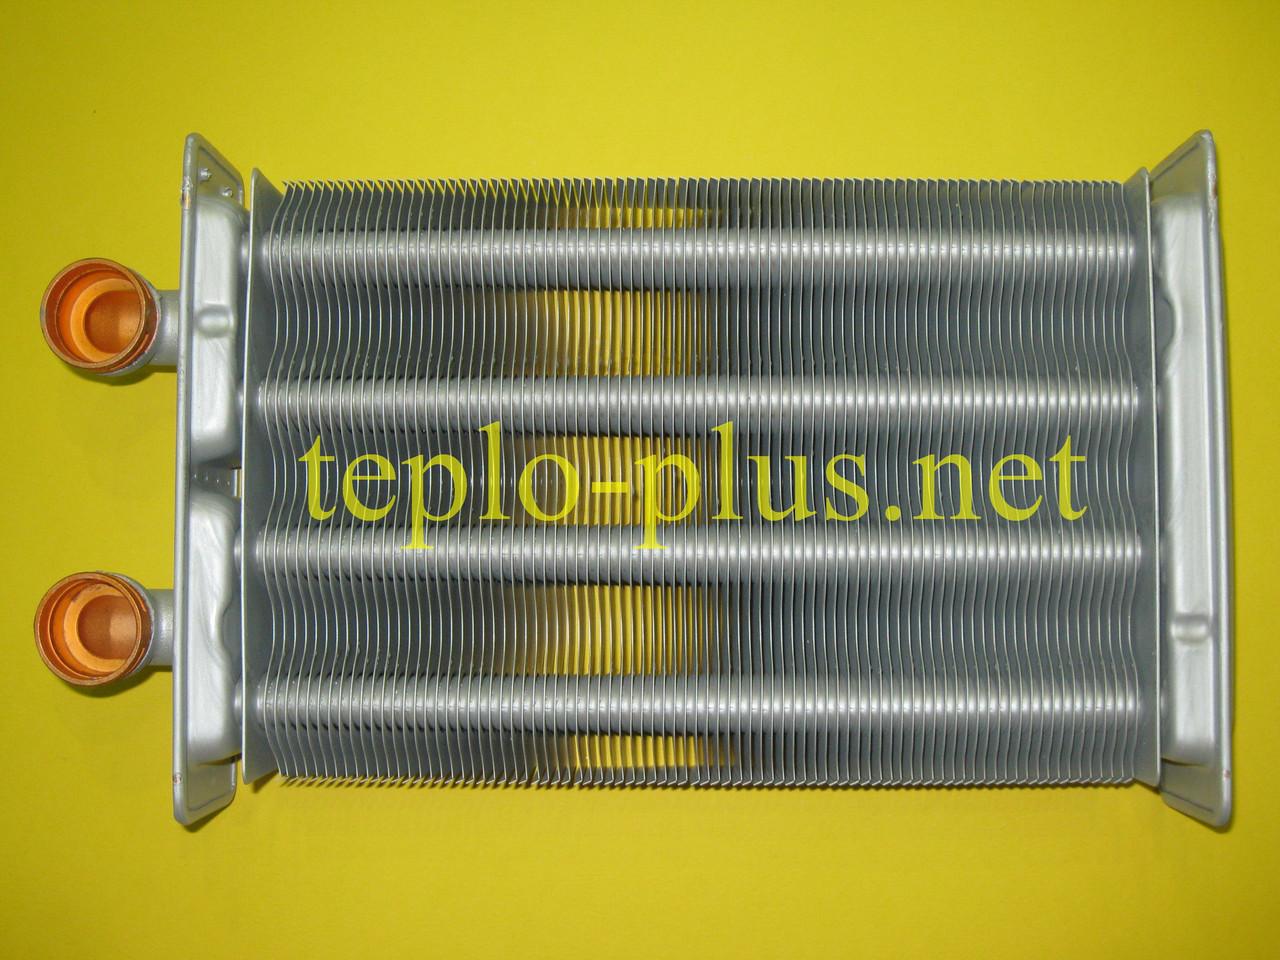 Теплообменник первичный (основной) R20052572 (R10023651) Beretta City J 24 CAI, Mynute, Exclusive